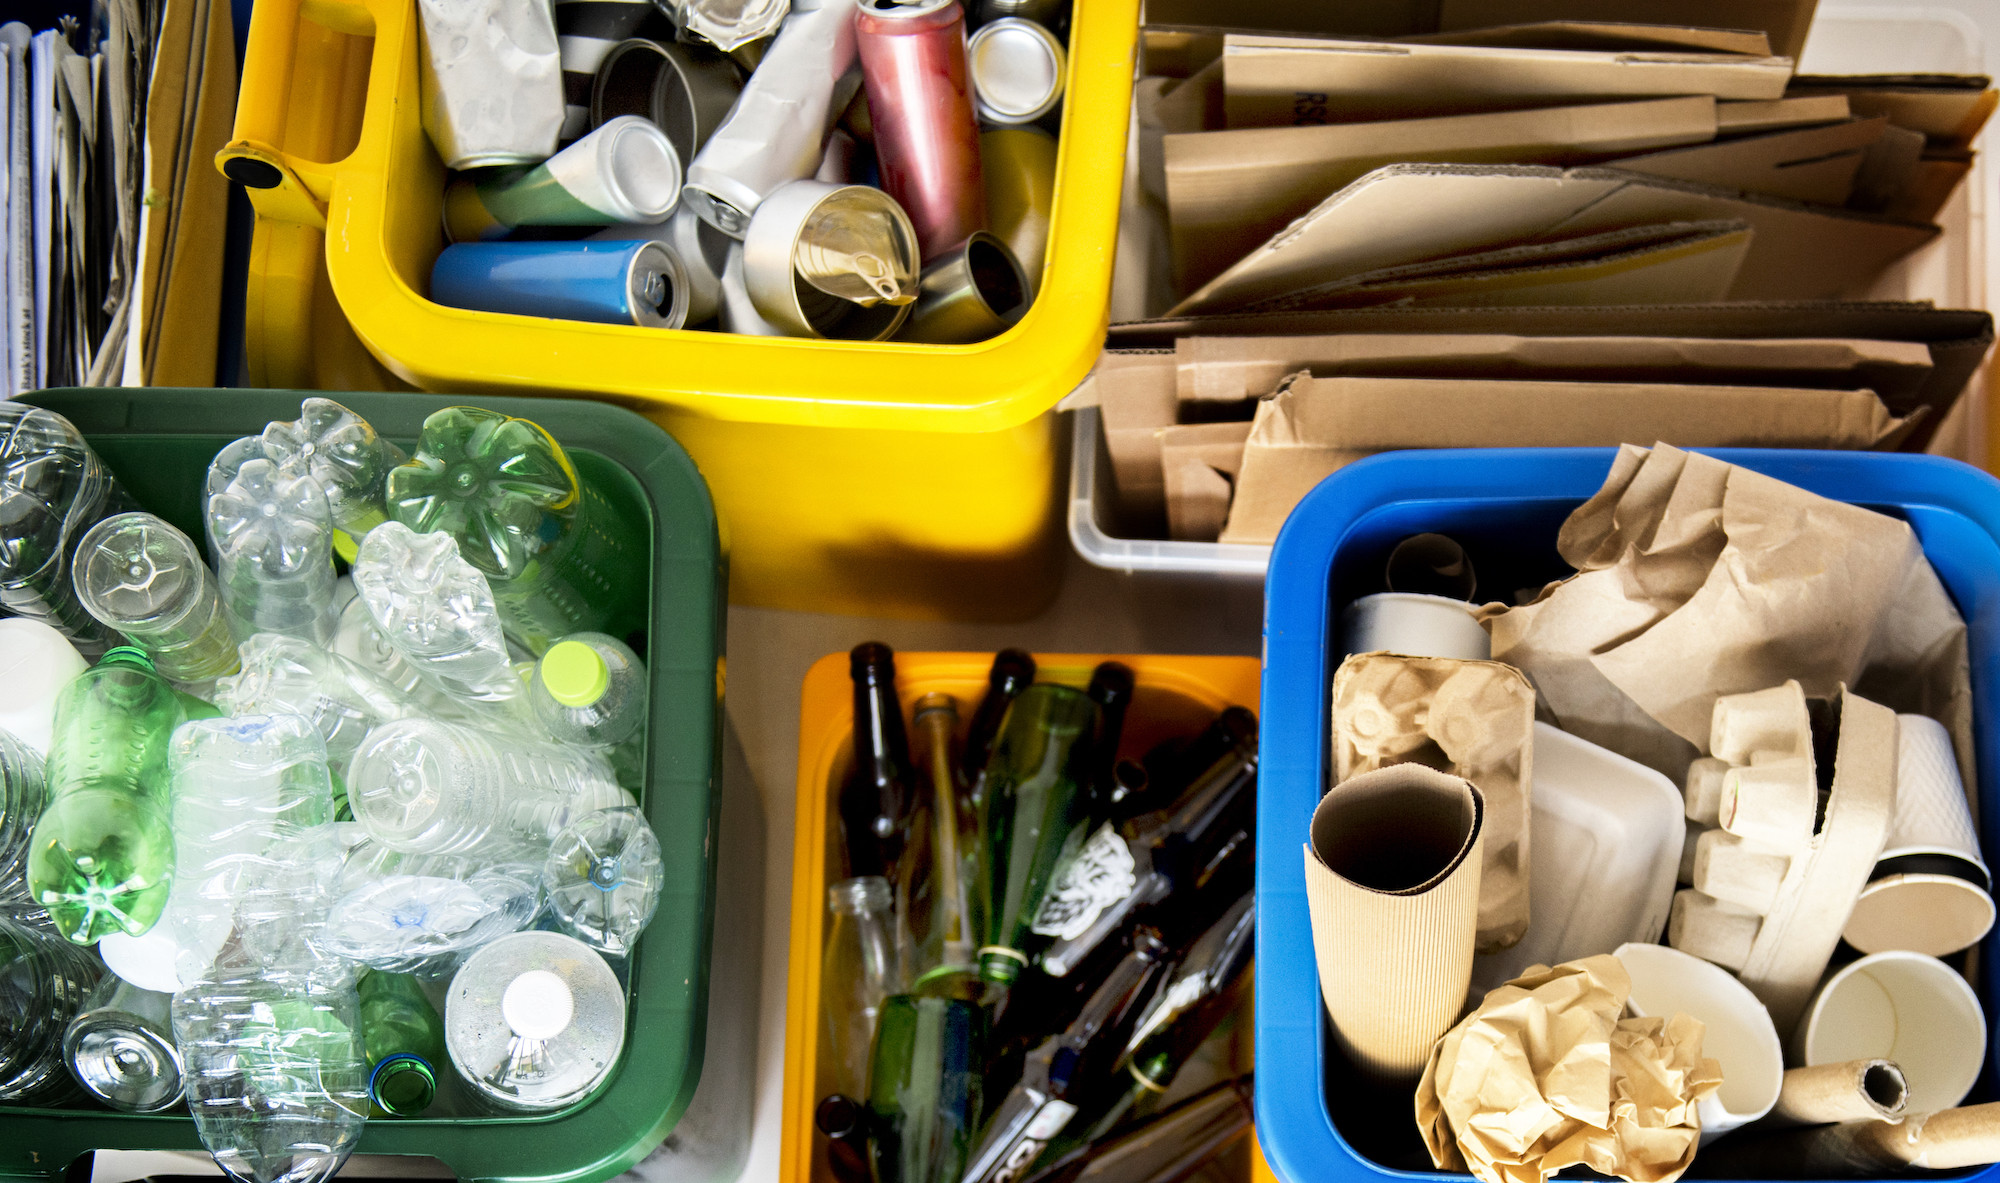 Экоактивисты призывают херсонцев присоединиться к отправке вторсырья на переработку